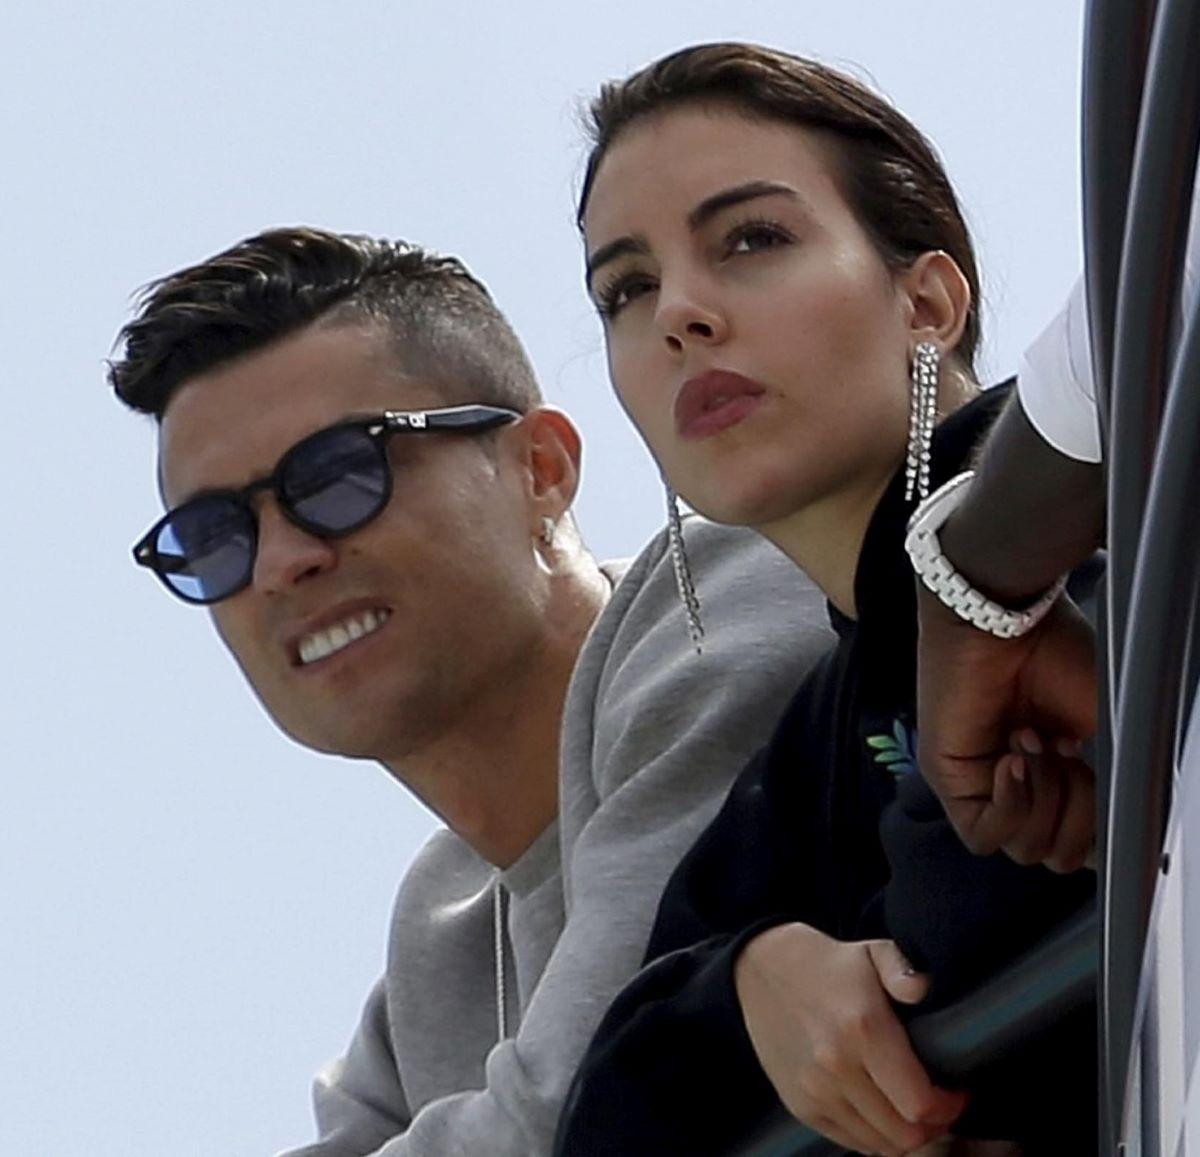 Cristiano Ronaldo Lutto Morta Moglie Amico José Semedo